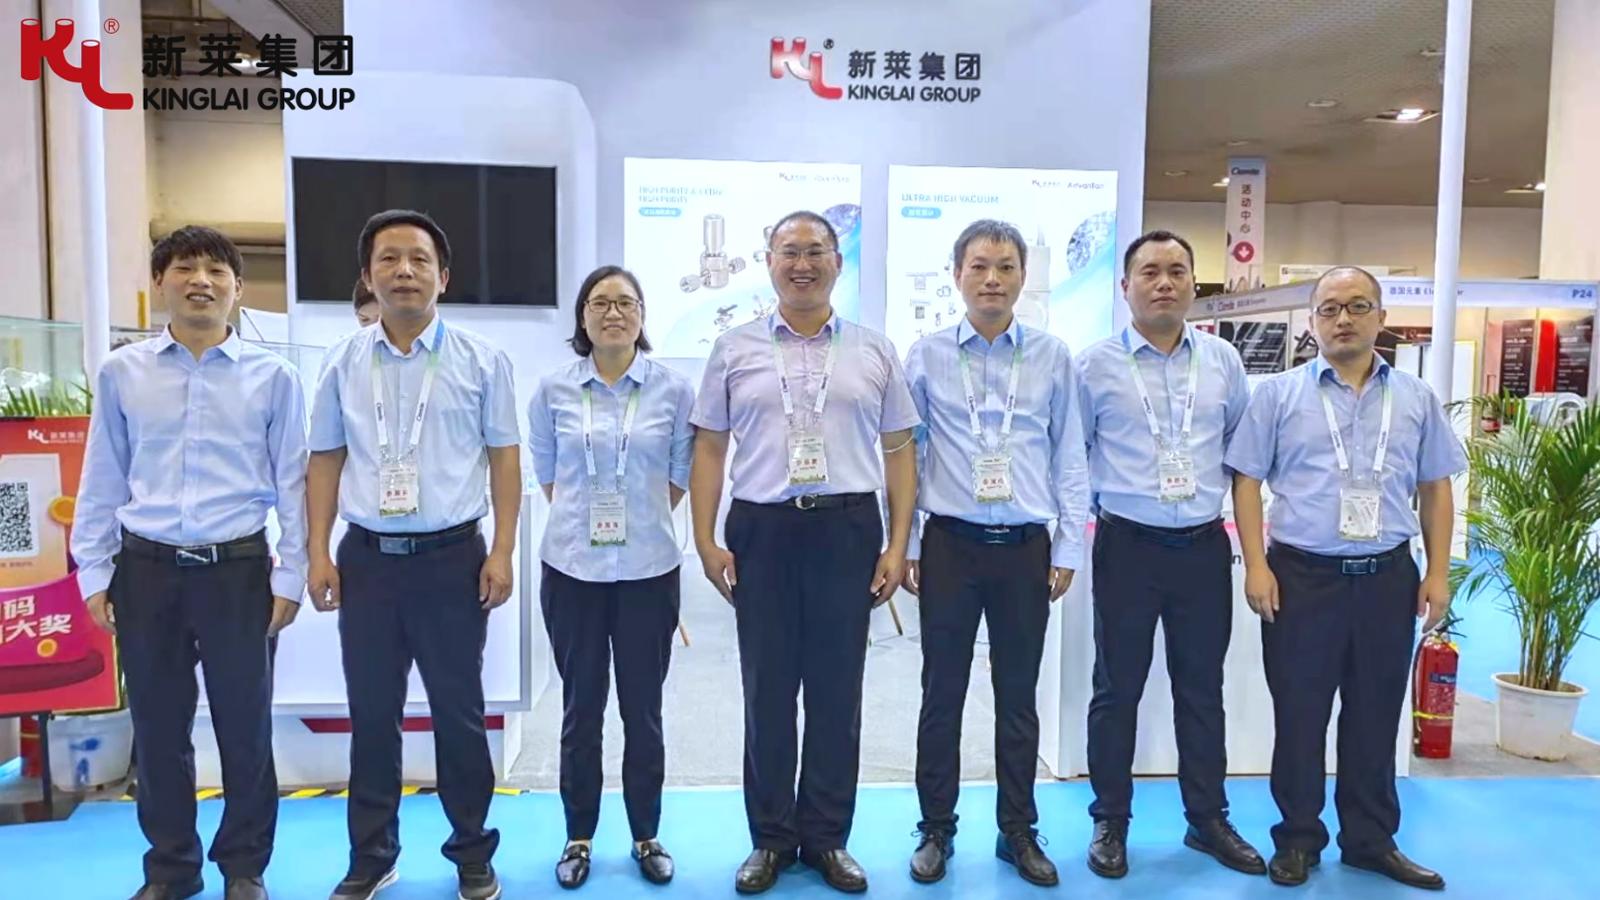 新莱成功参加2021中国材料大会